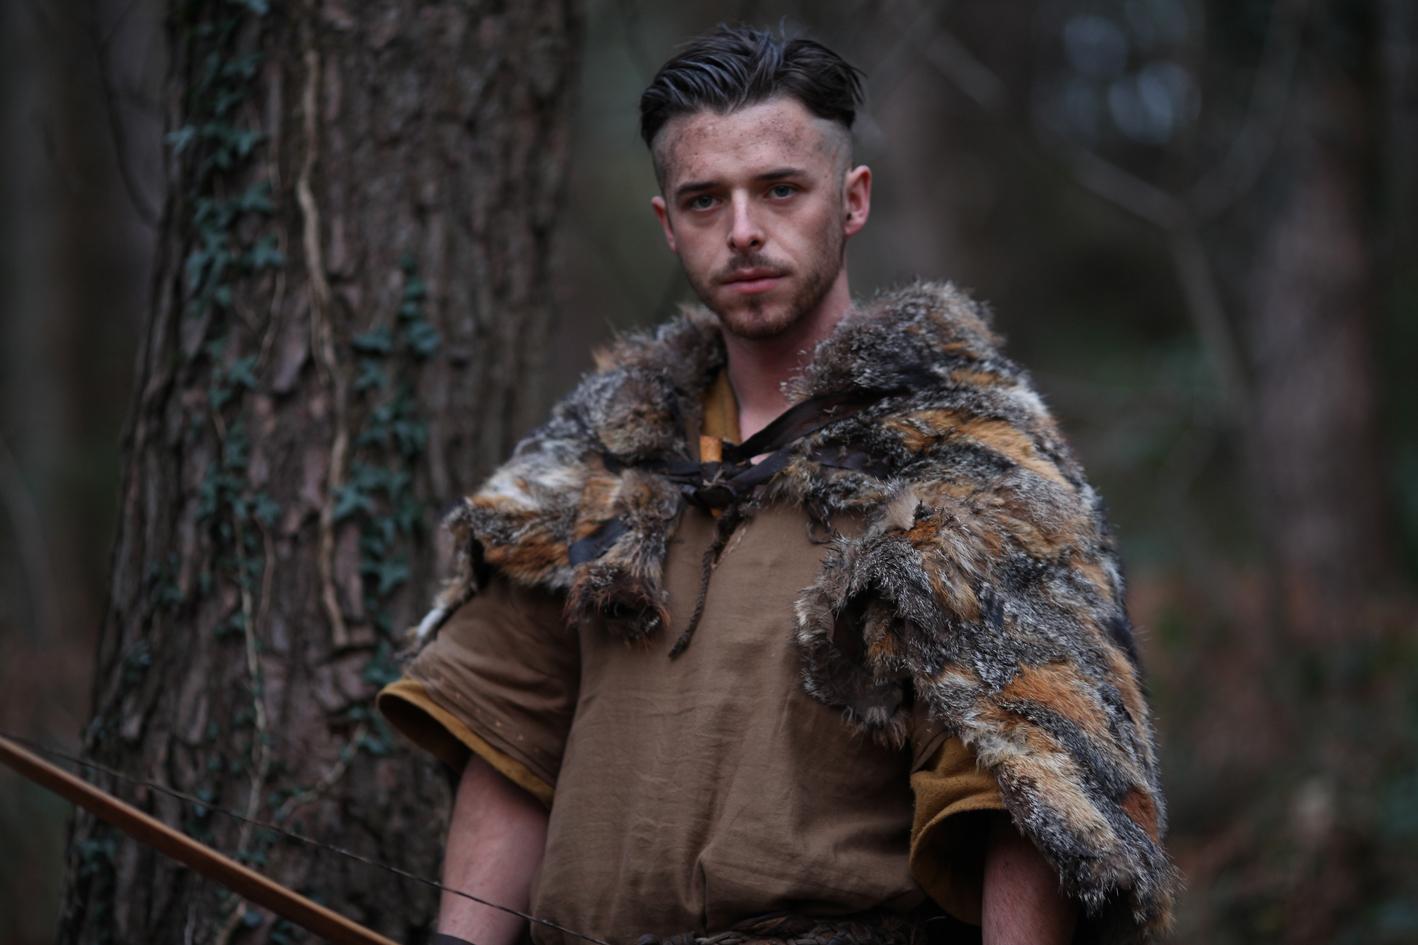 Bild von Vikings - Die Berserker - Bild 10 auf 10 ...